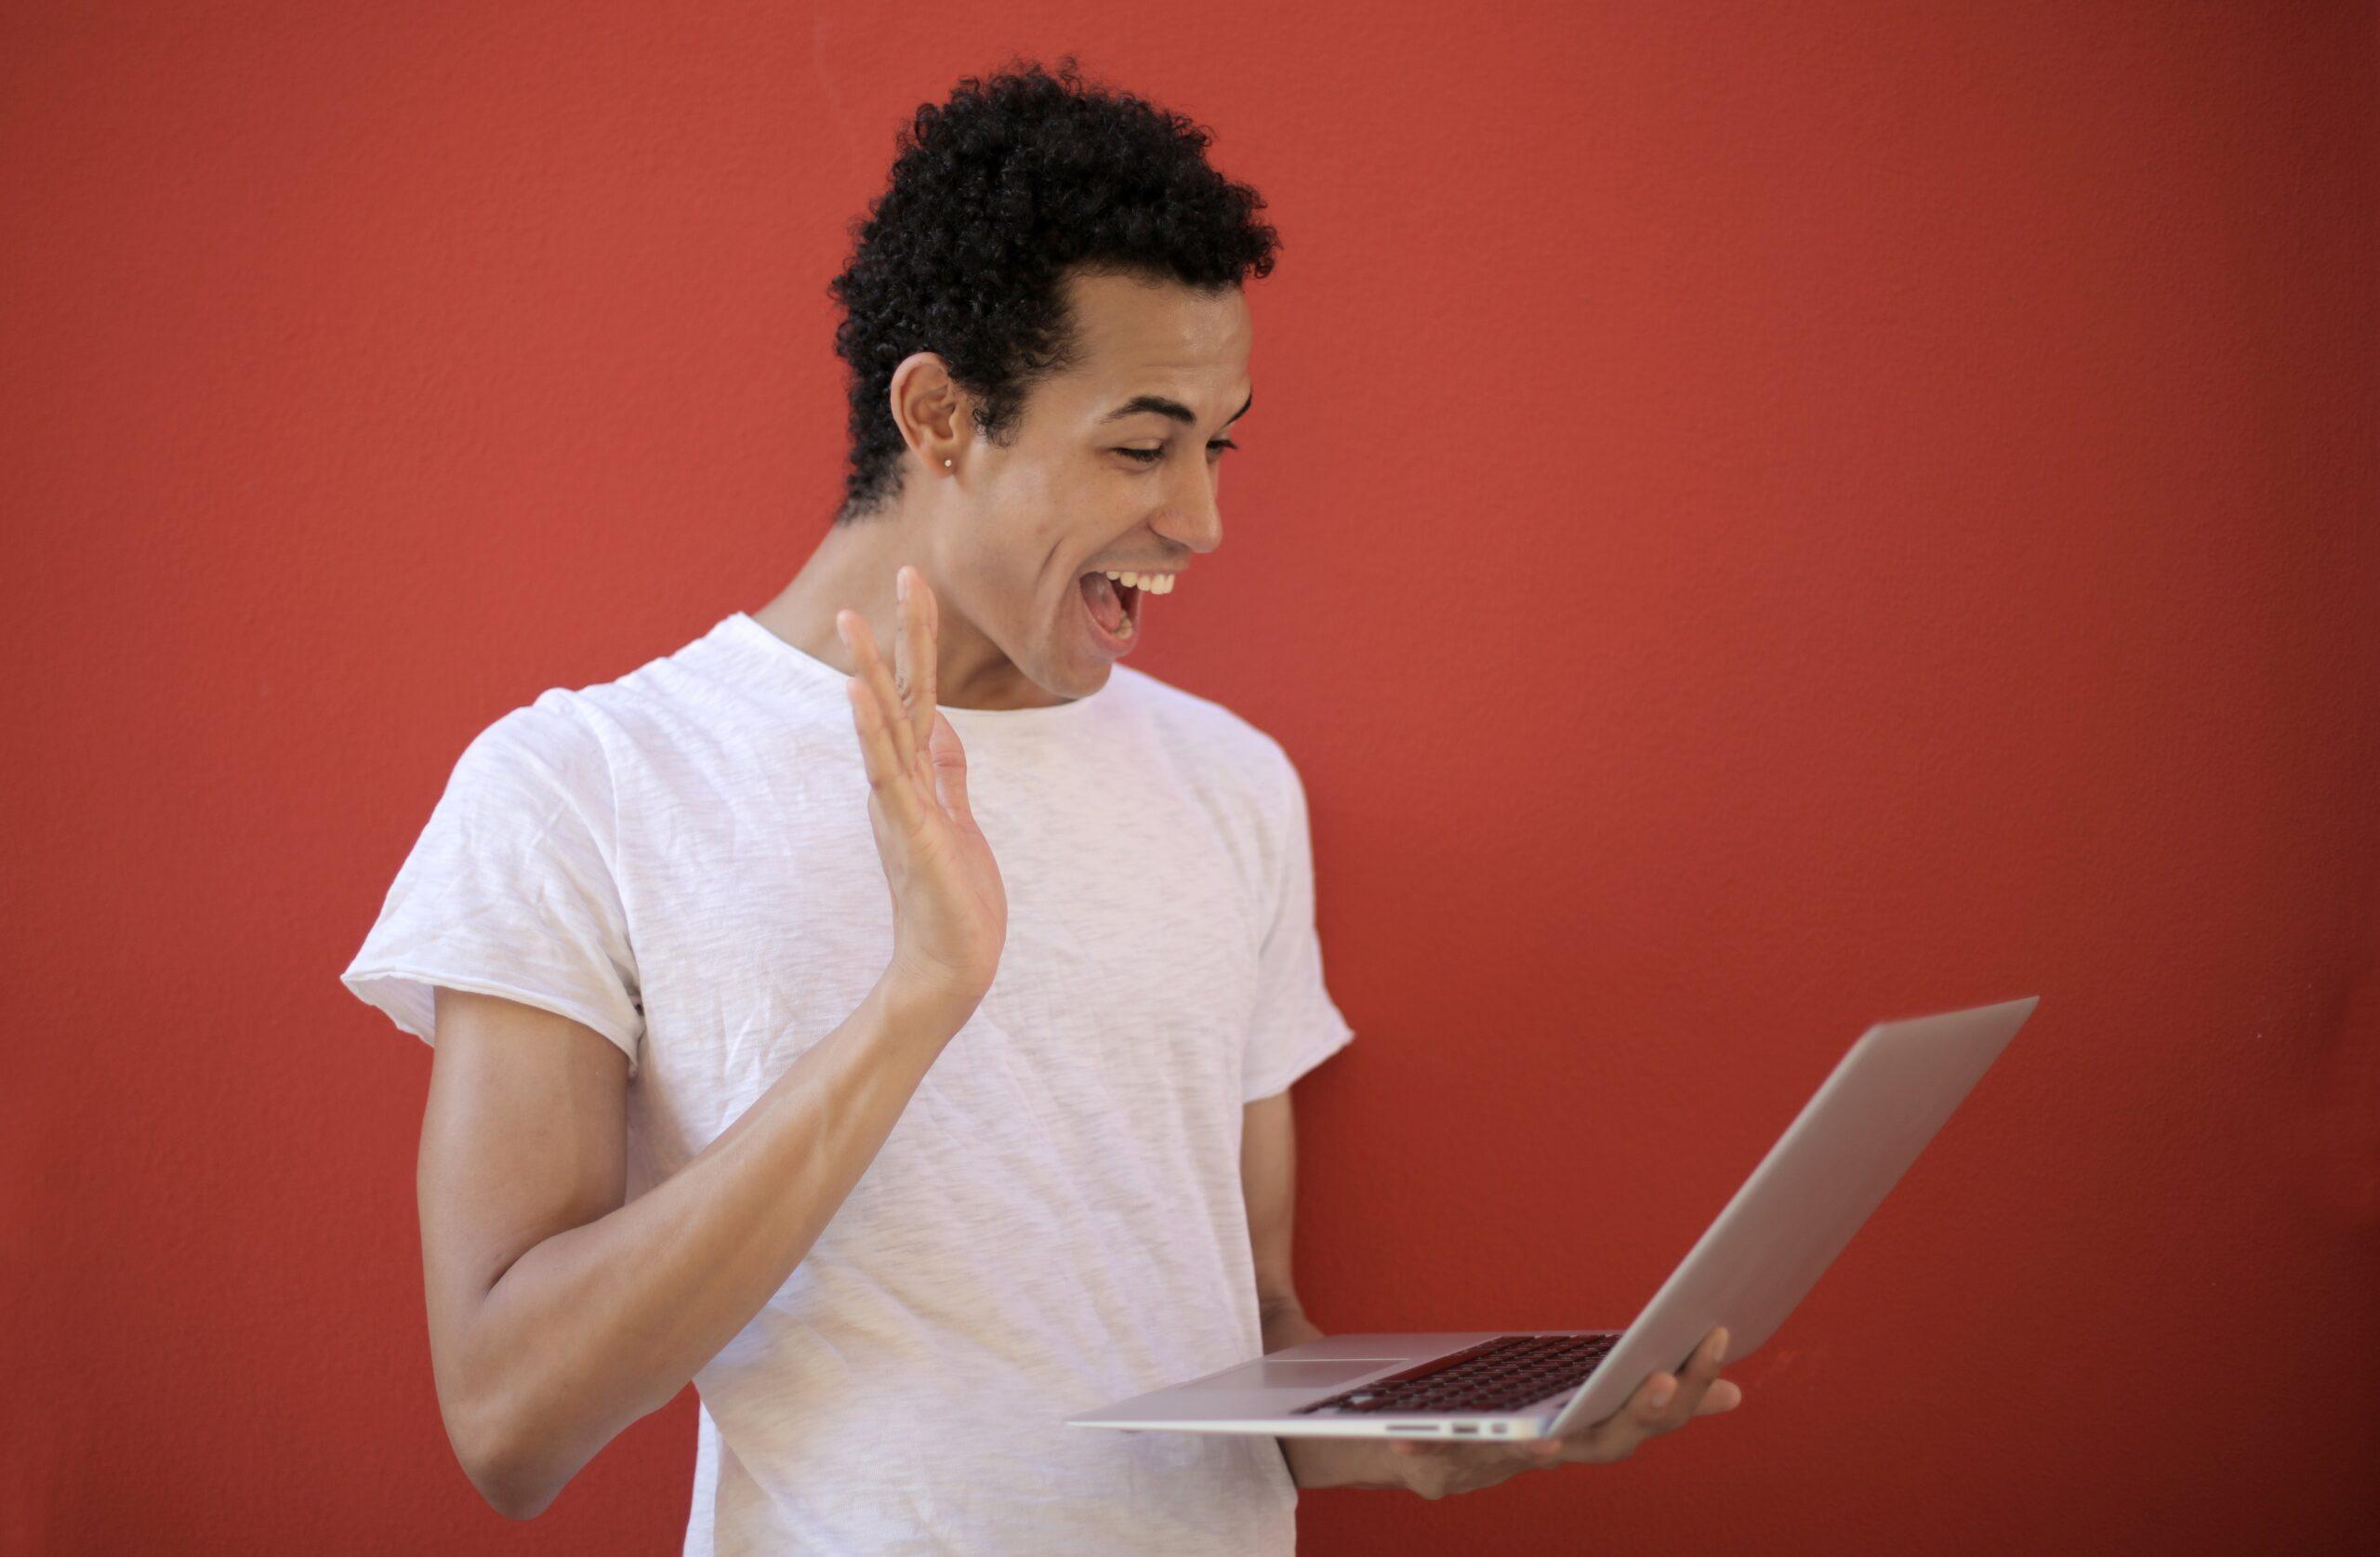 Person waving at laptop